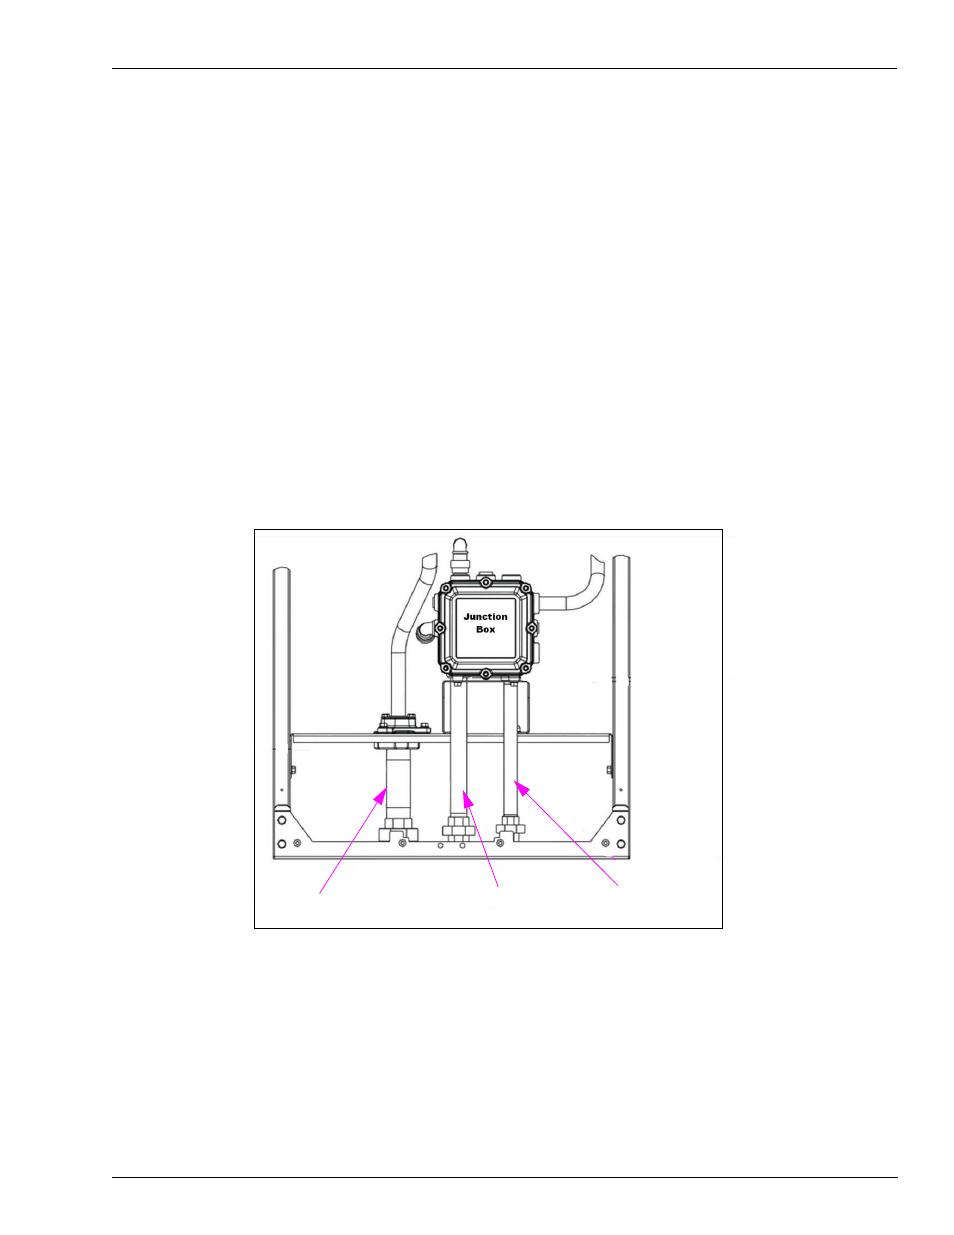 Electronic Pump External Wiring Gasboy Topkat Plus User Manual Ac Page 51 90